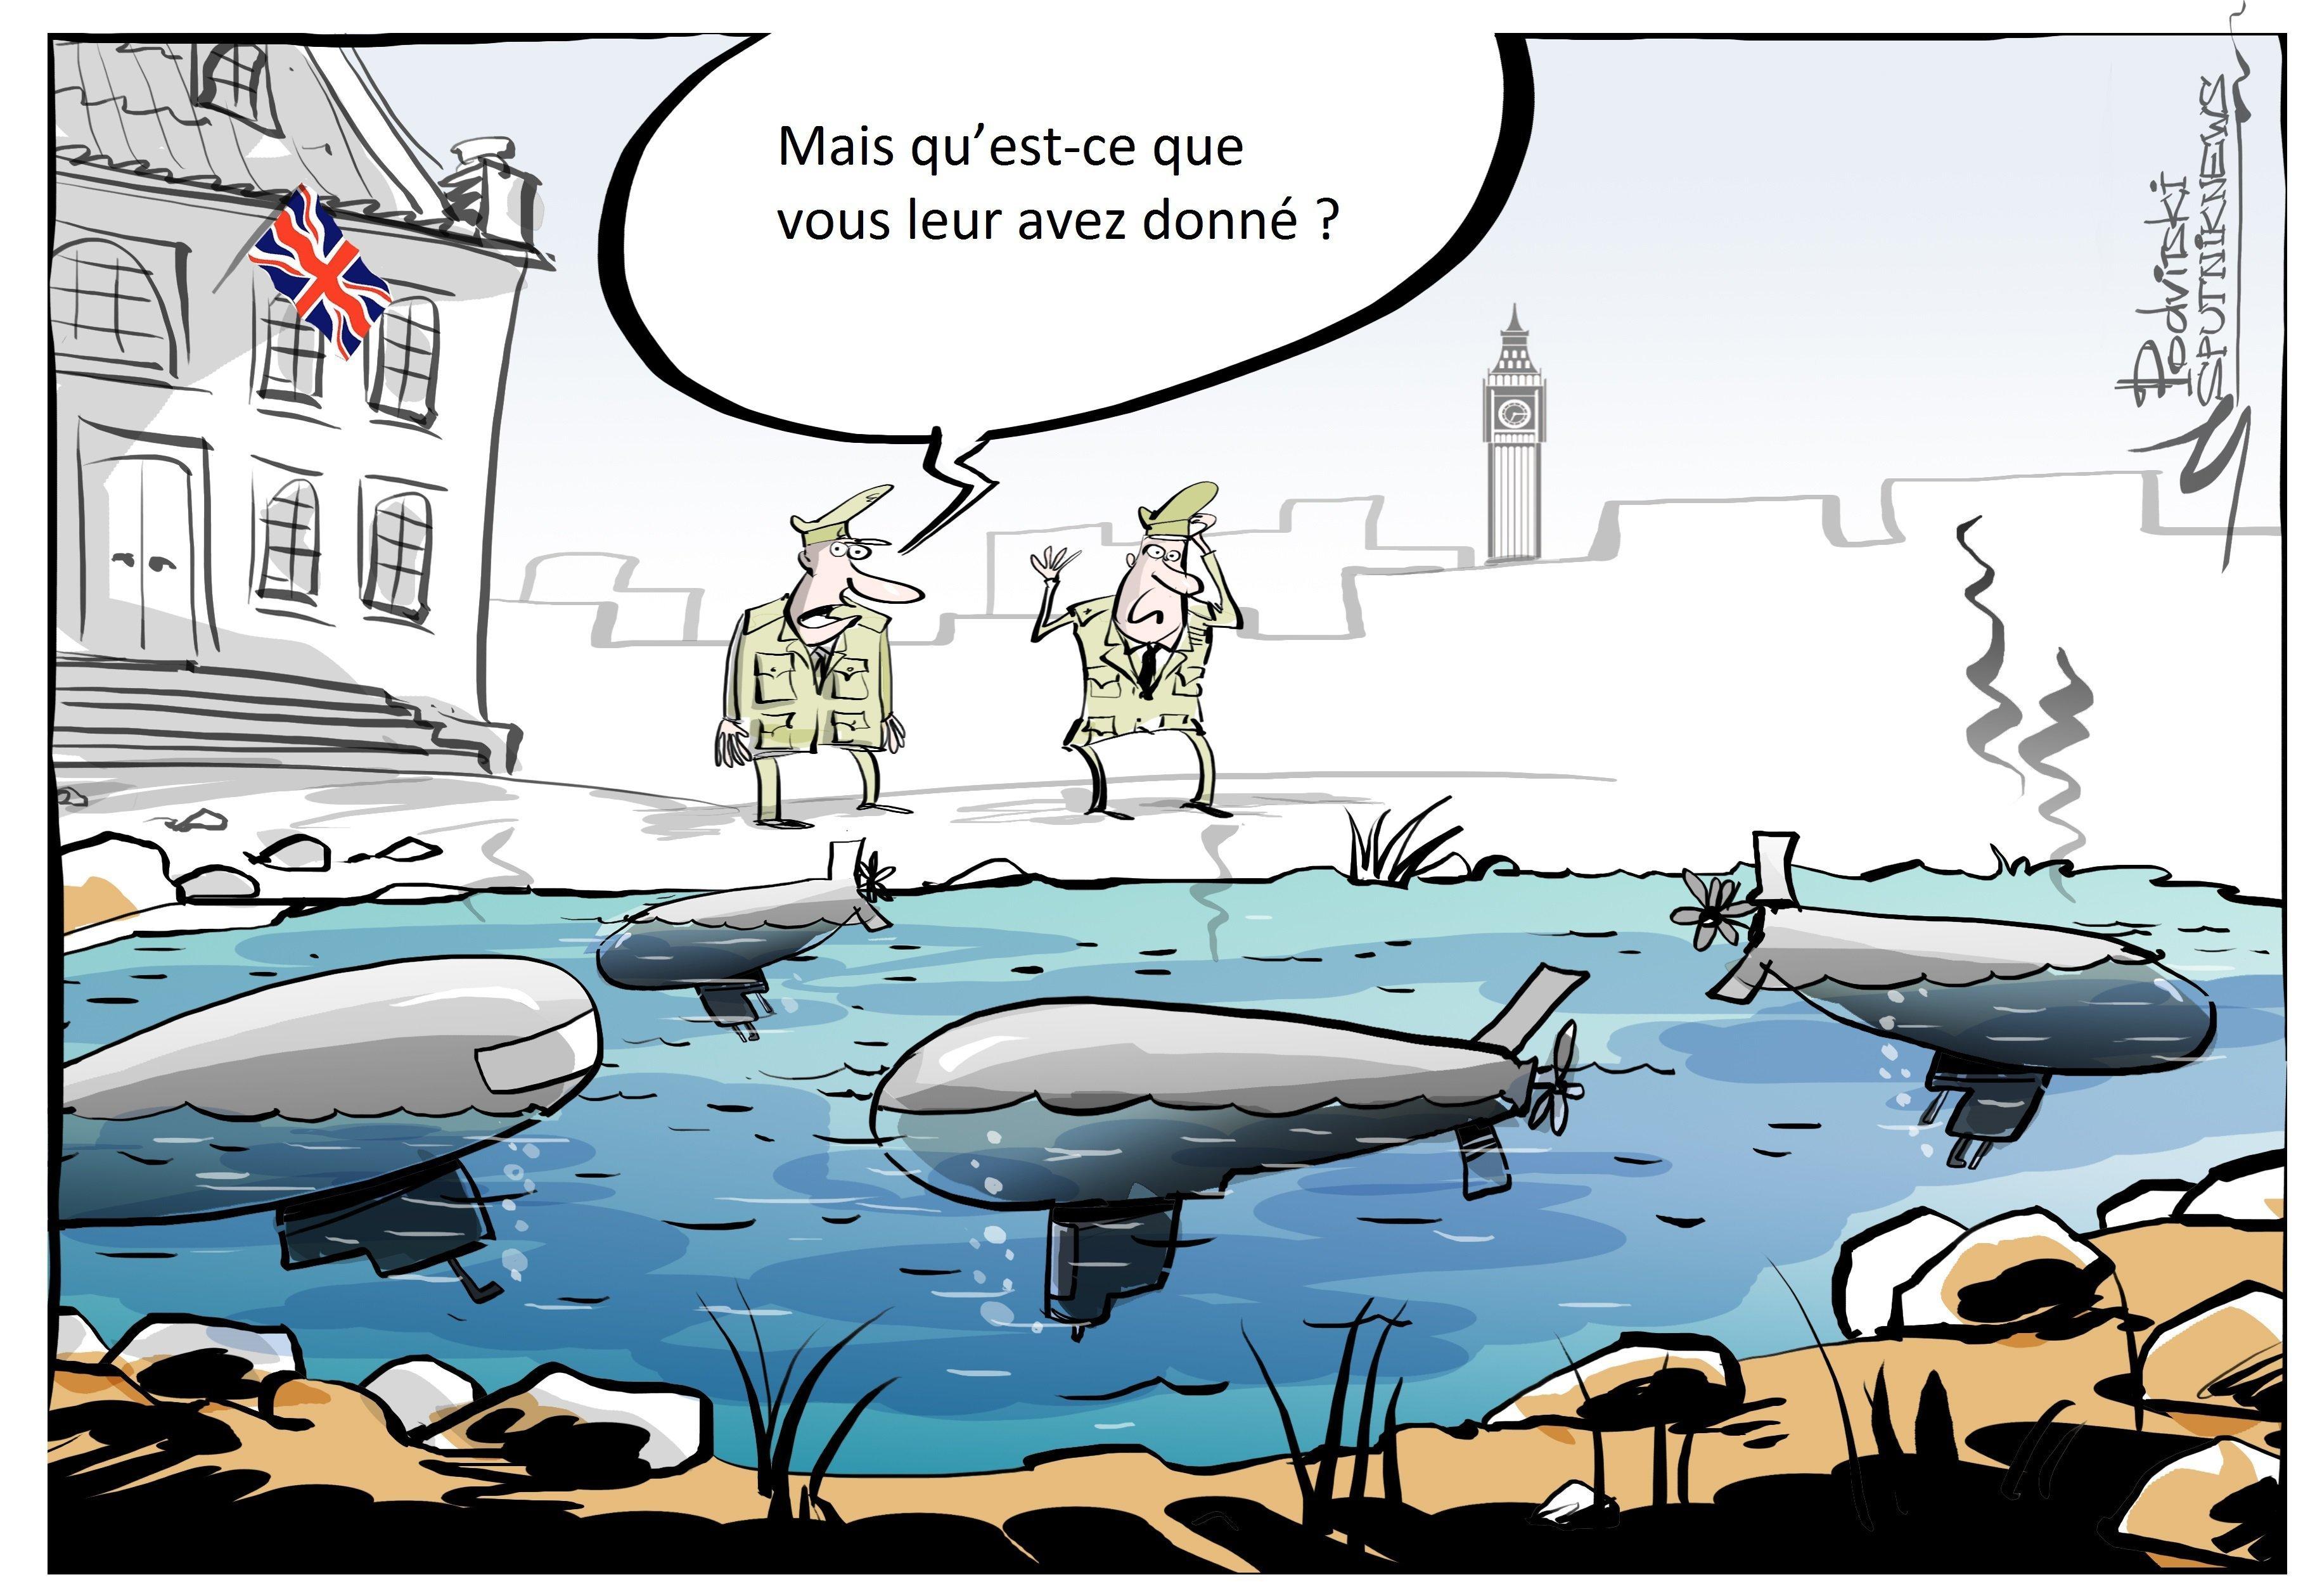 sous-marins britannique